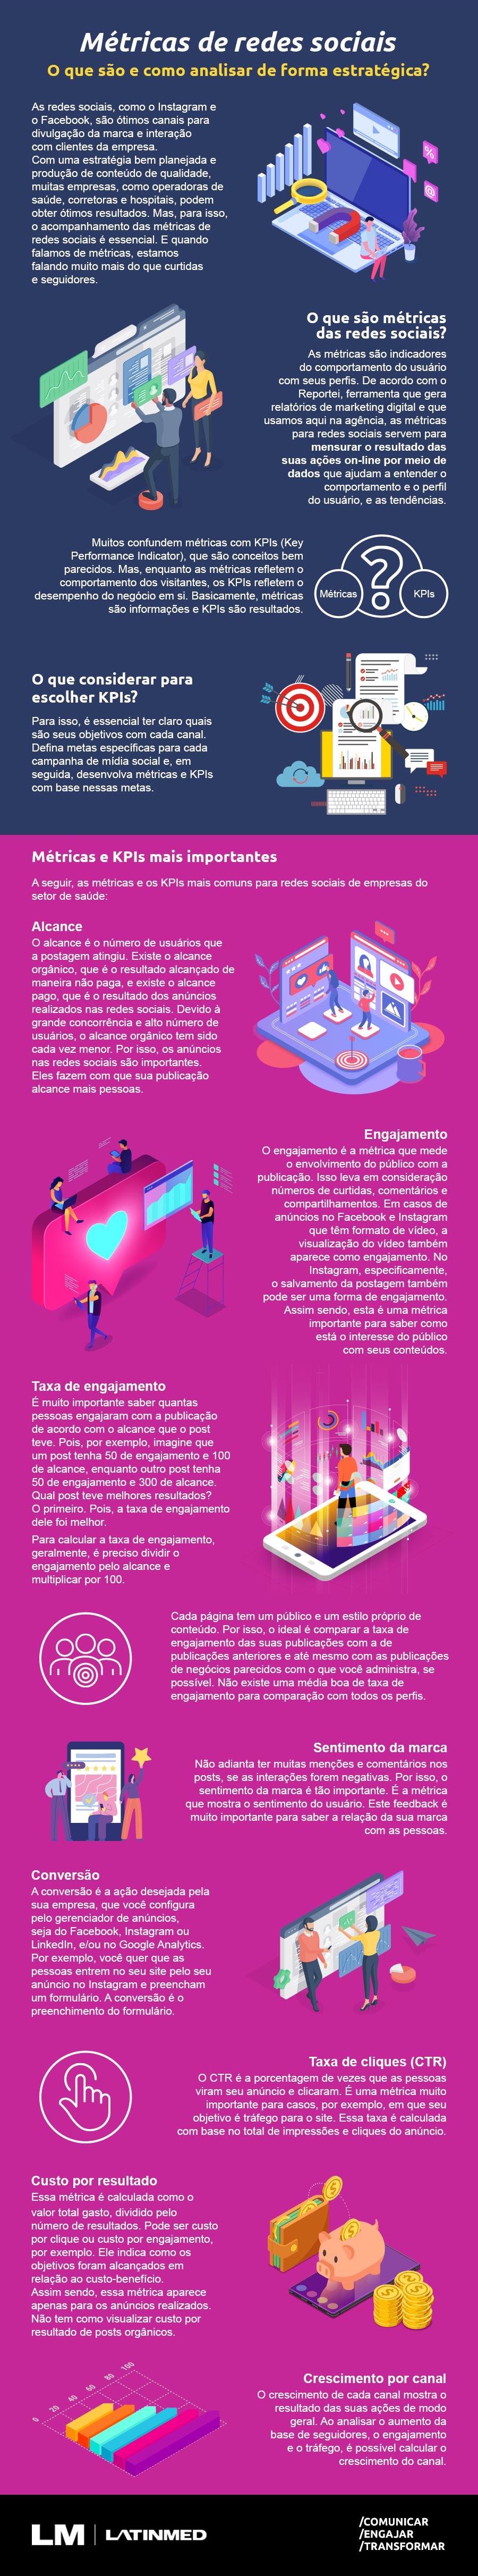 Infografico - Métricas de redes sociais: o que são e como analisar?